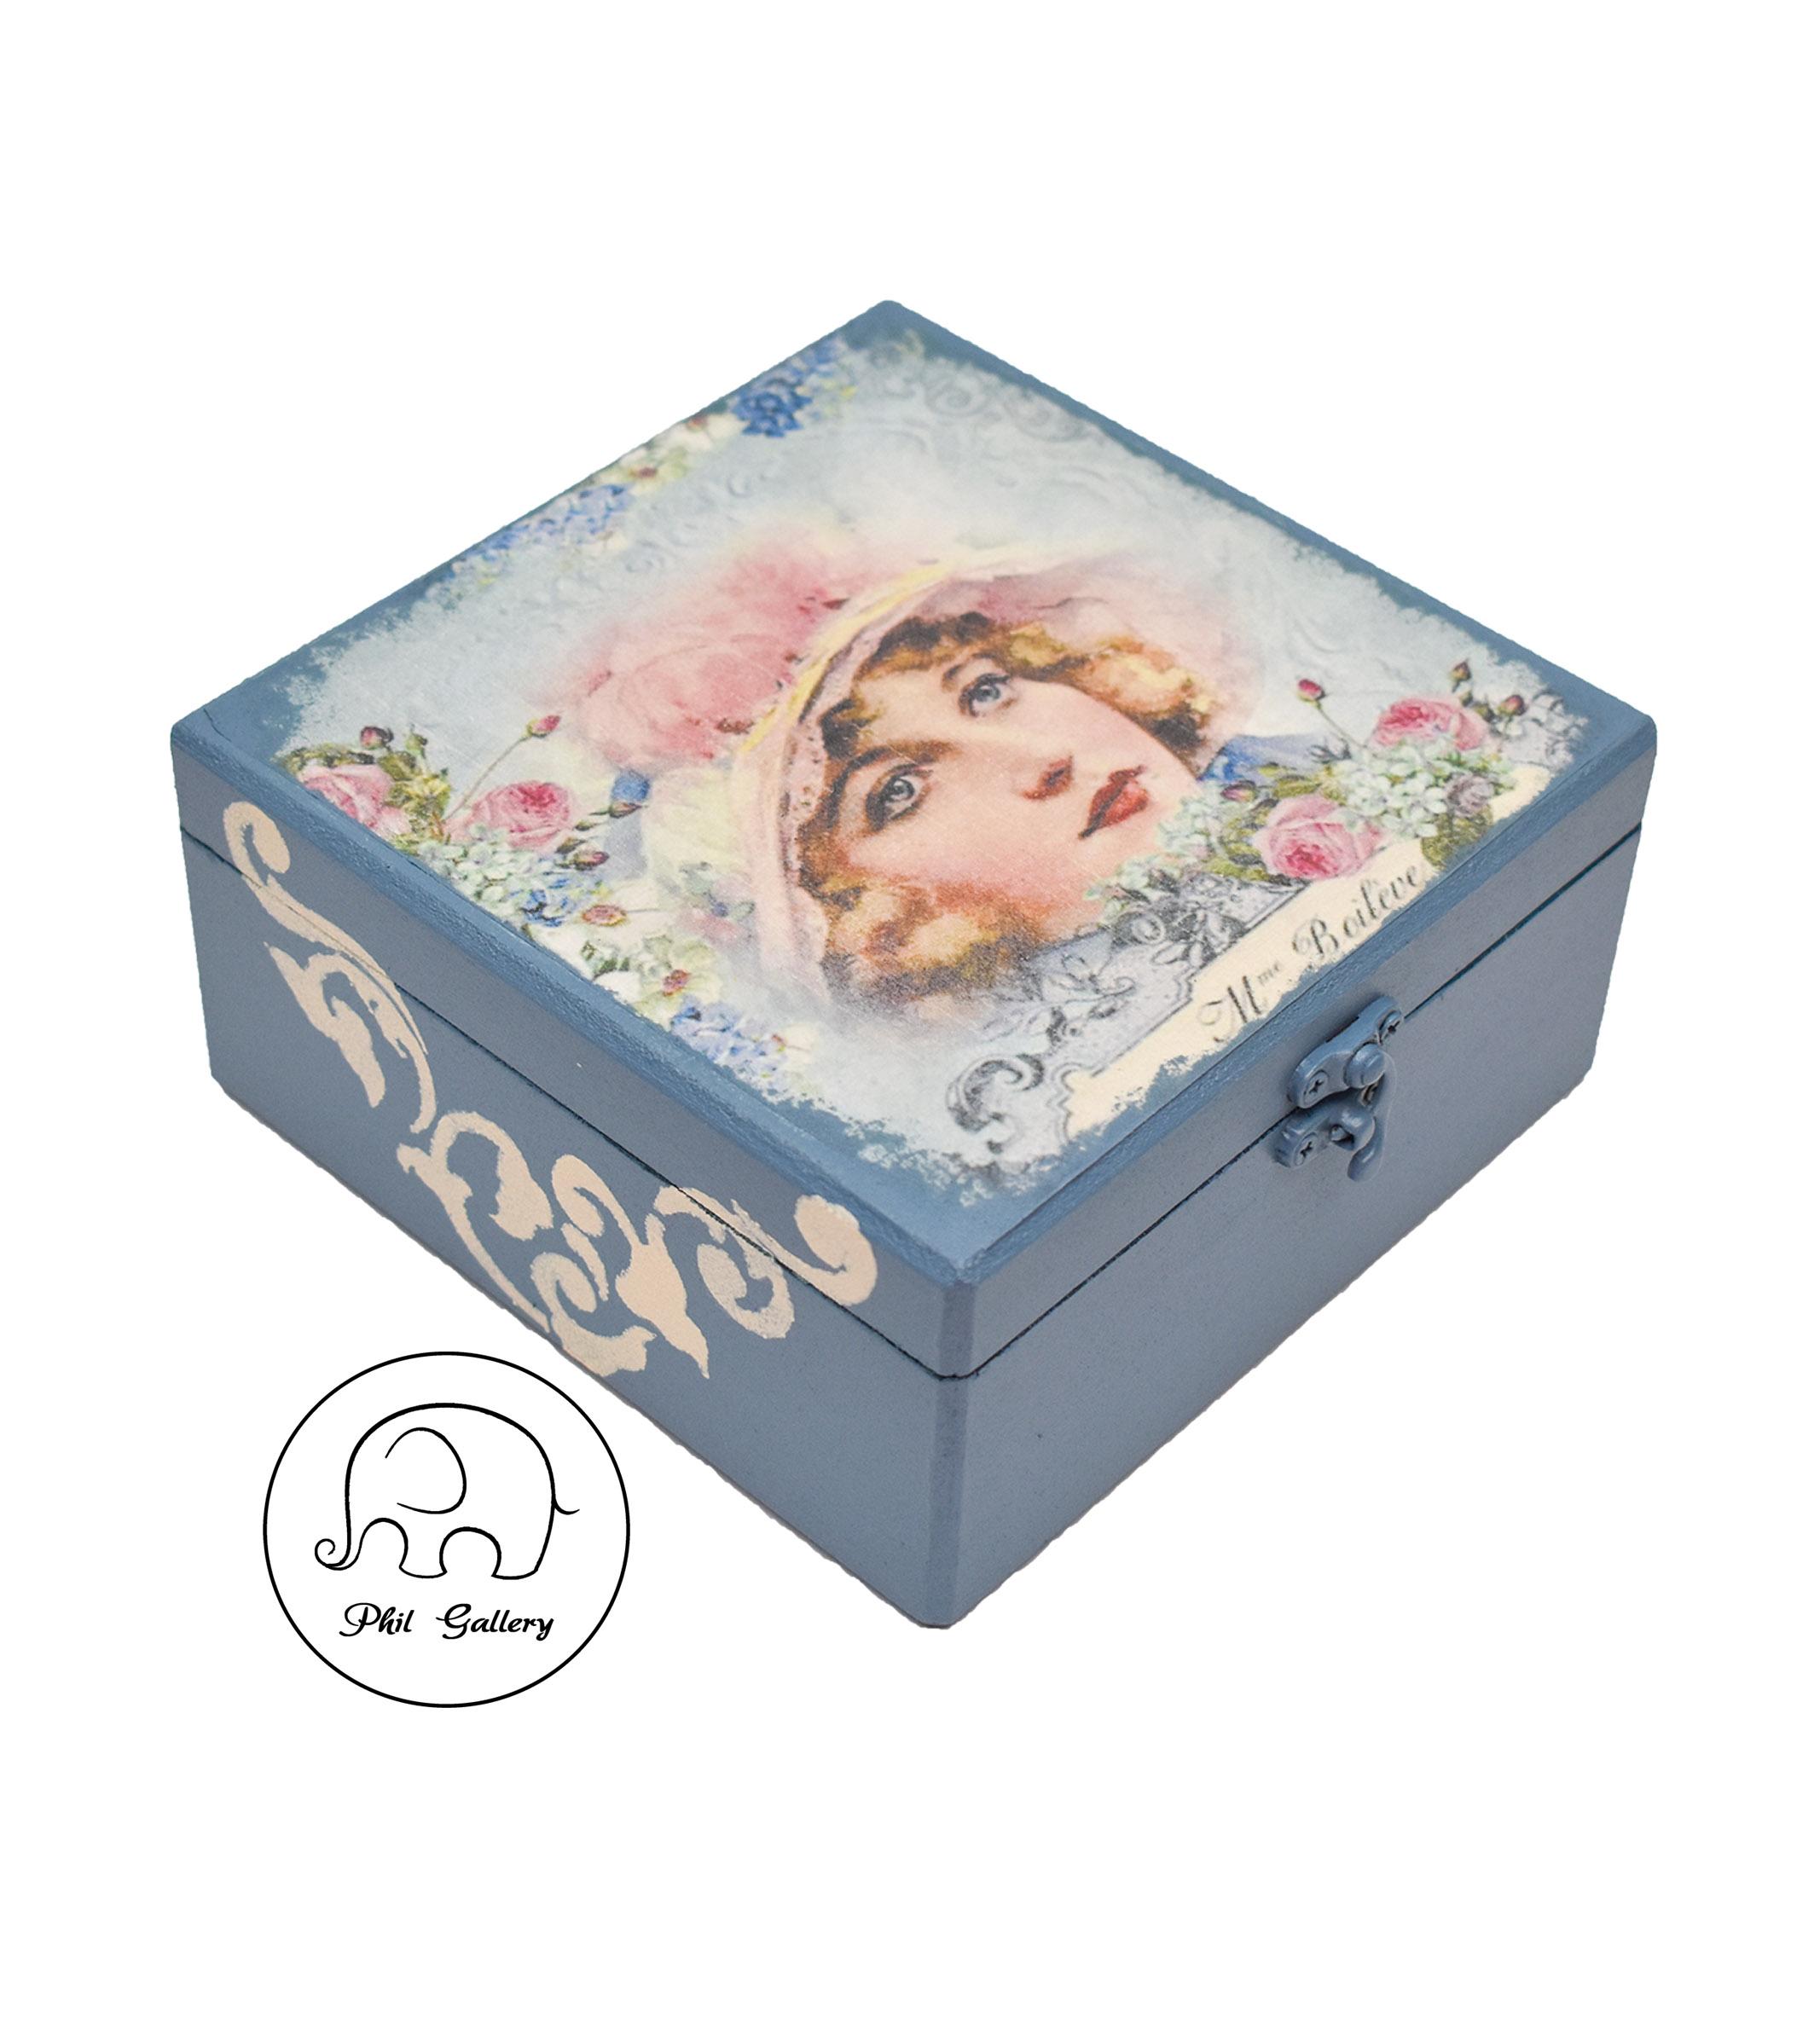 جعبه چوبی دکوپاژ شده آبی و سورمه ای با طرح بانوی اروپایی